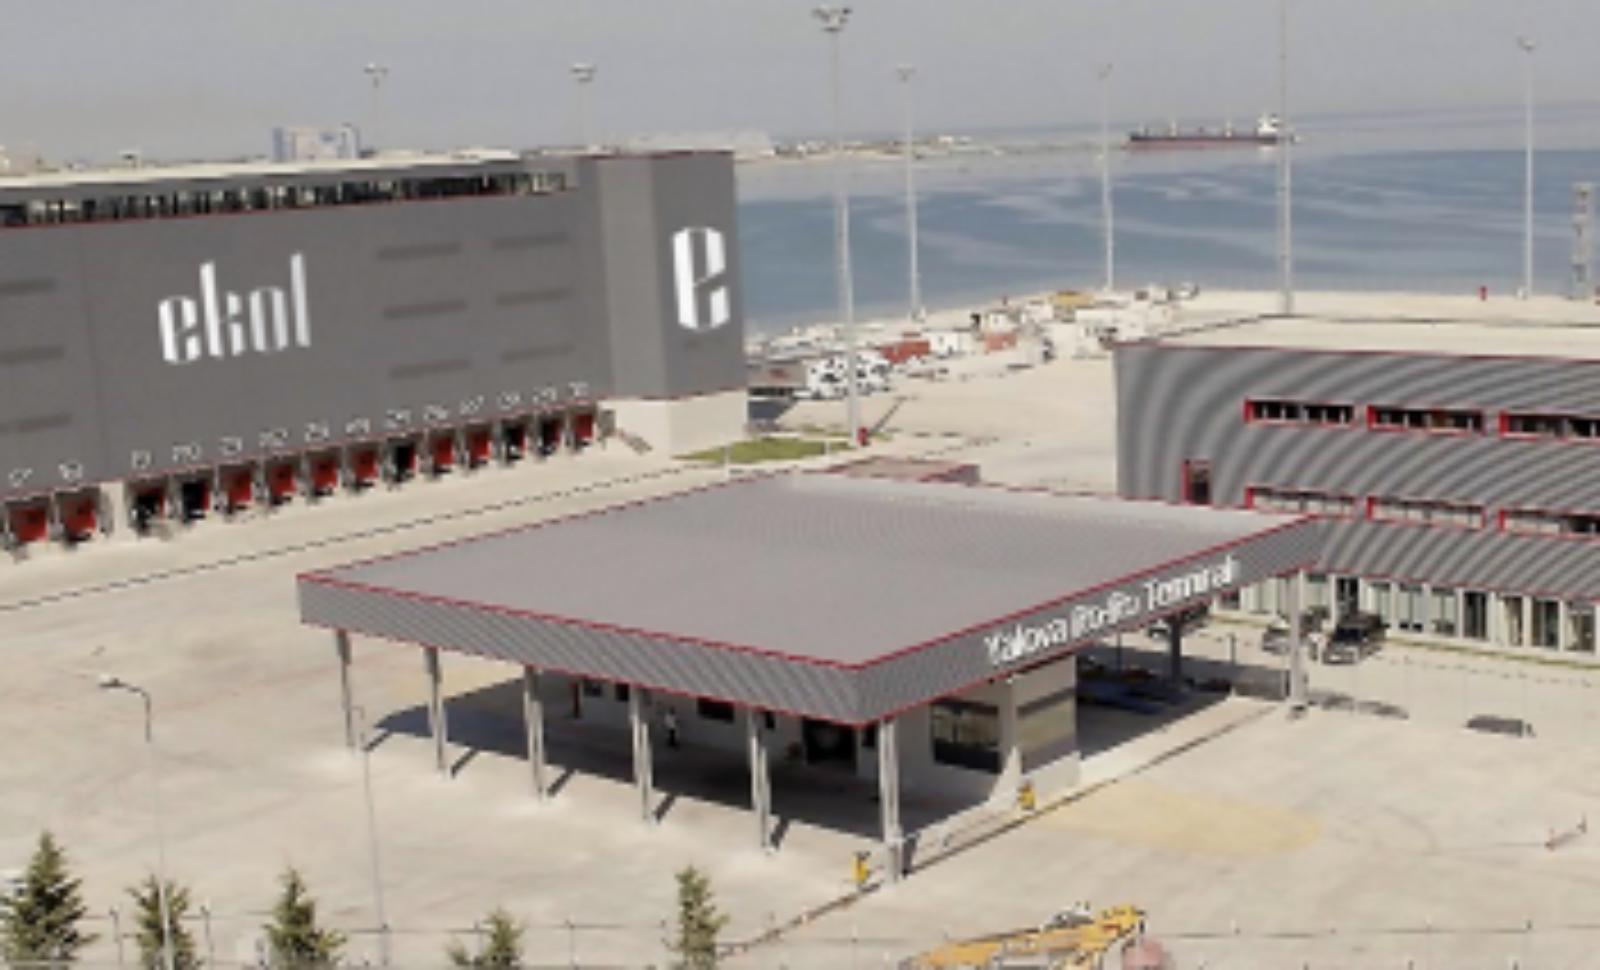 Ekol eröffnet Hafenterminal in der Türkei